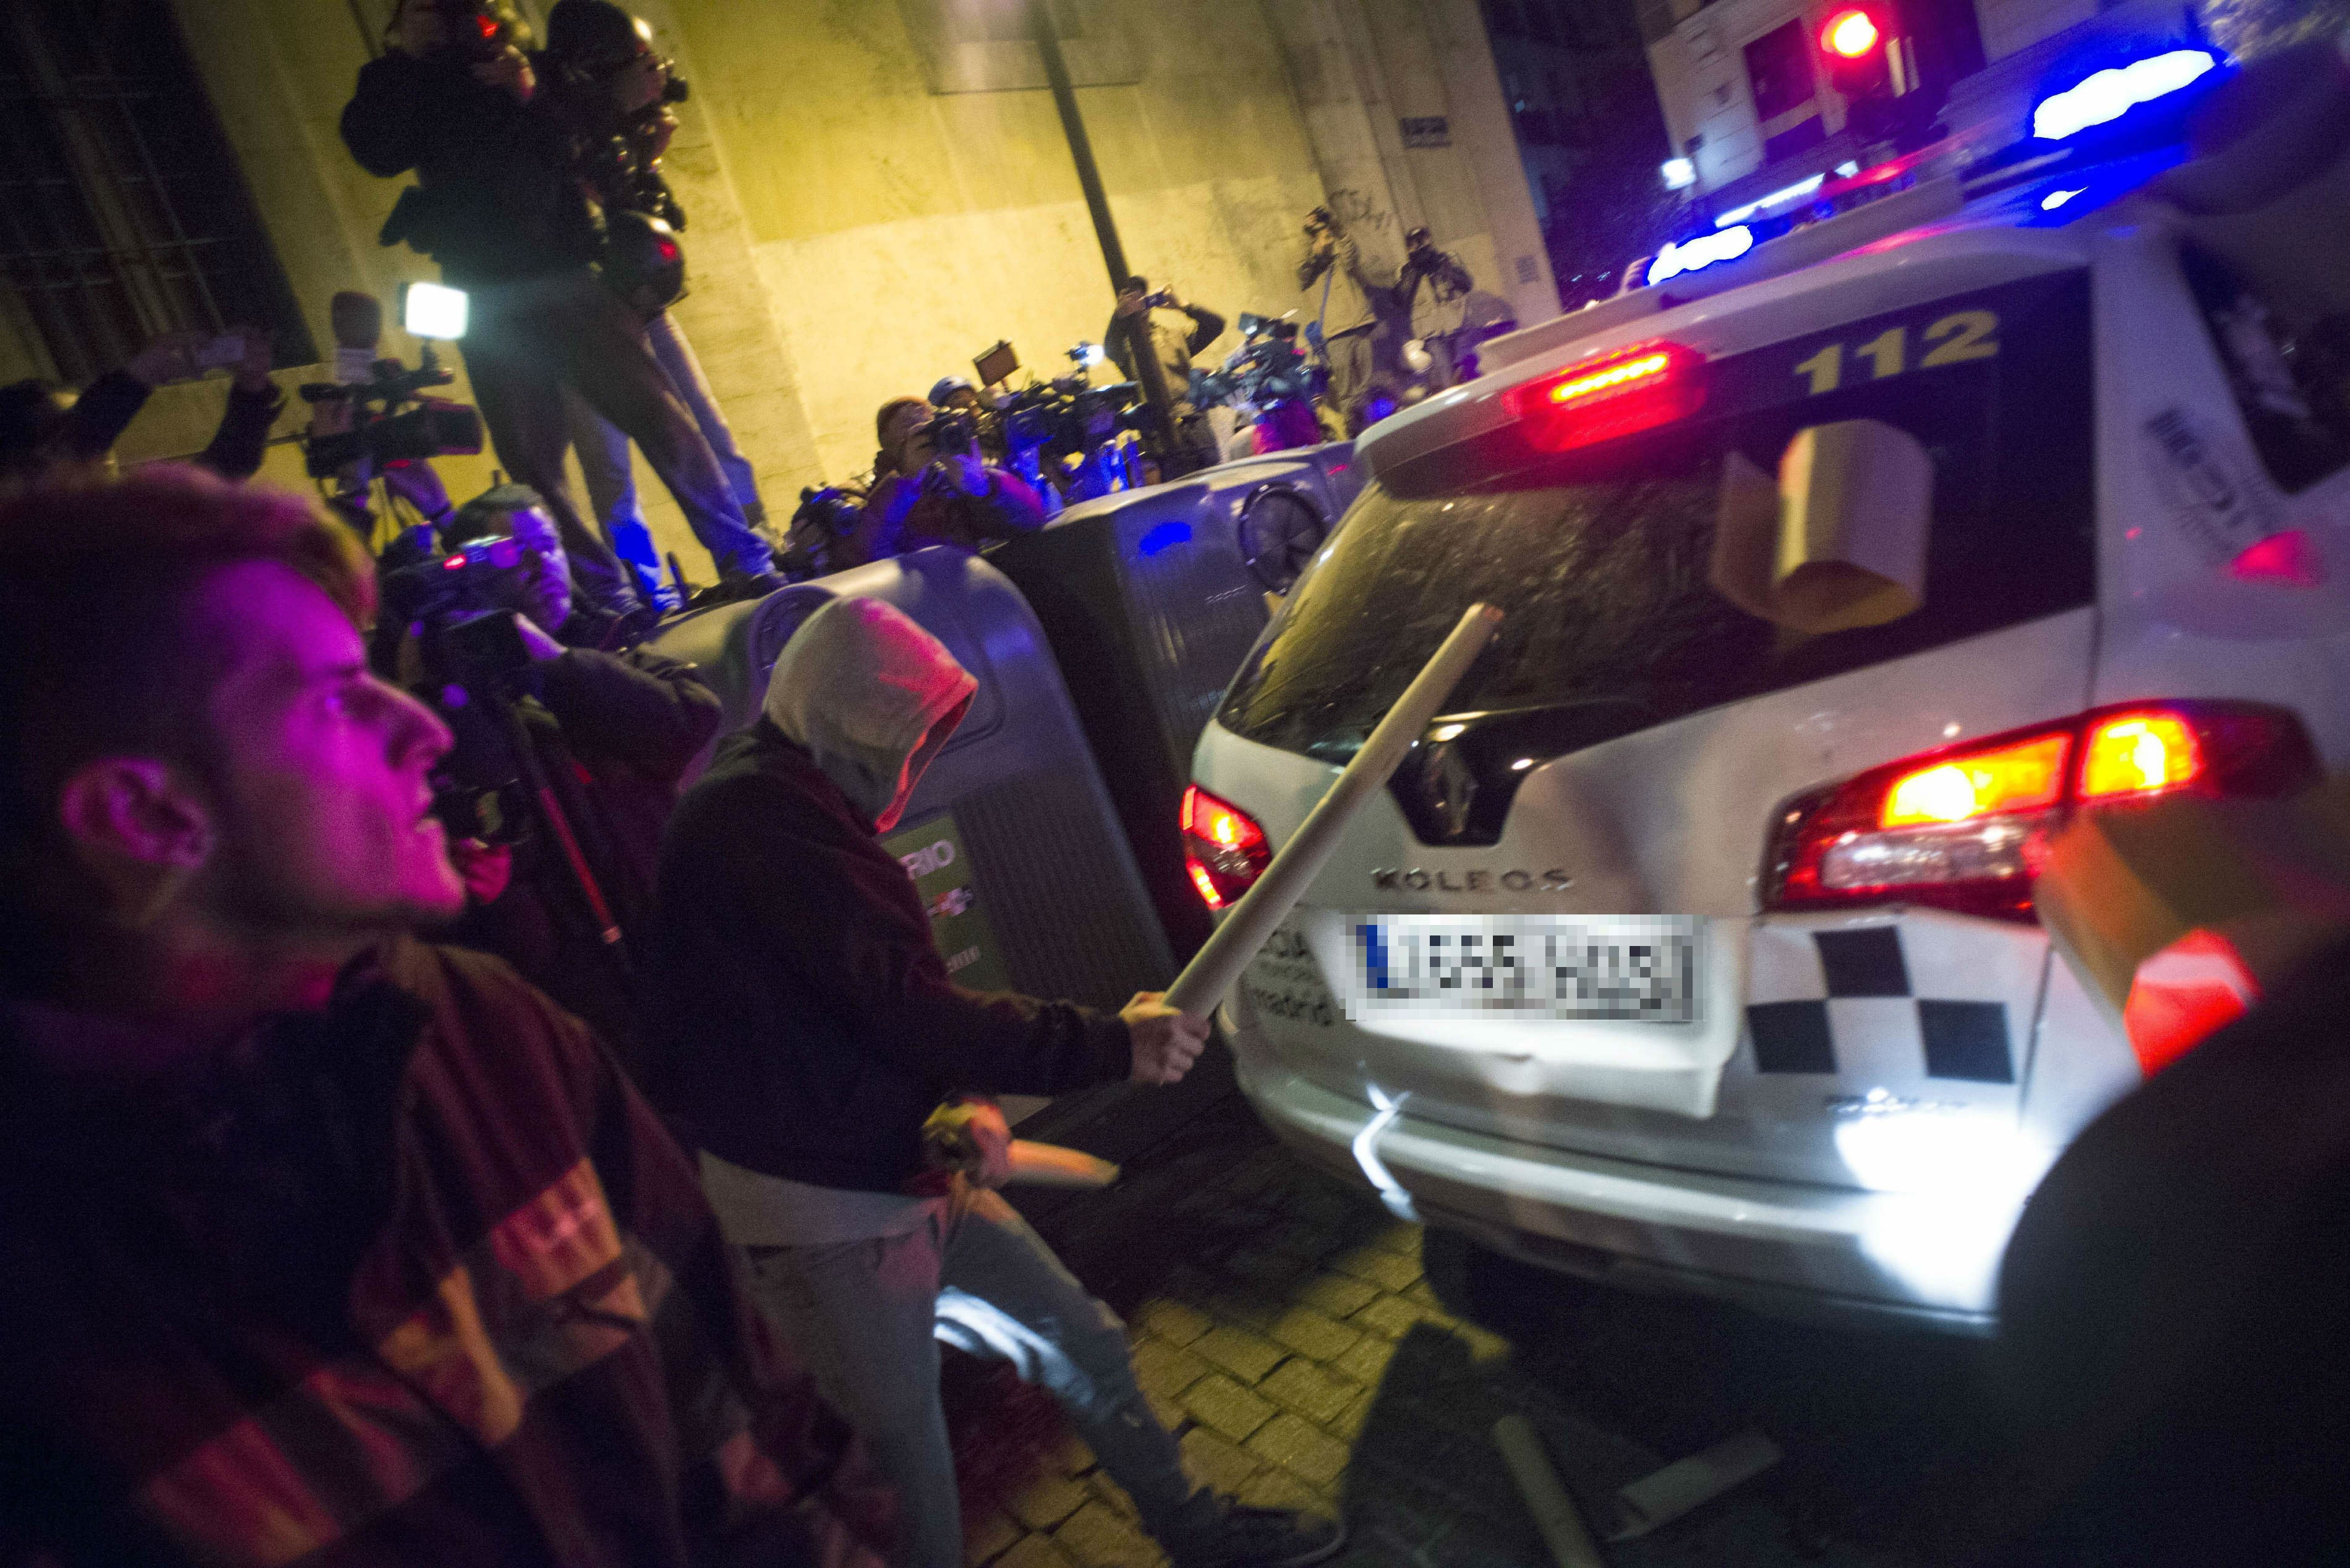 Serios disturbios tras un pacífico 'Rodea el Congreso': 23 heridos y siete detenidos